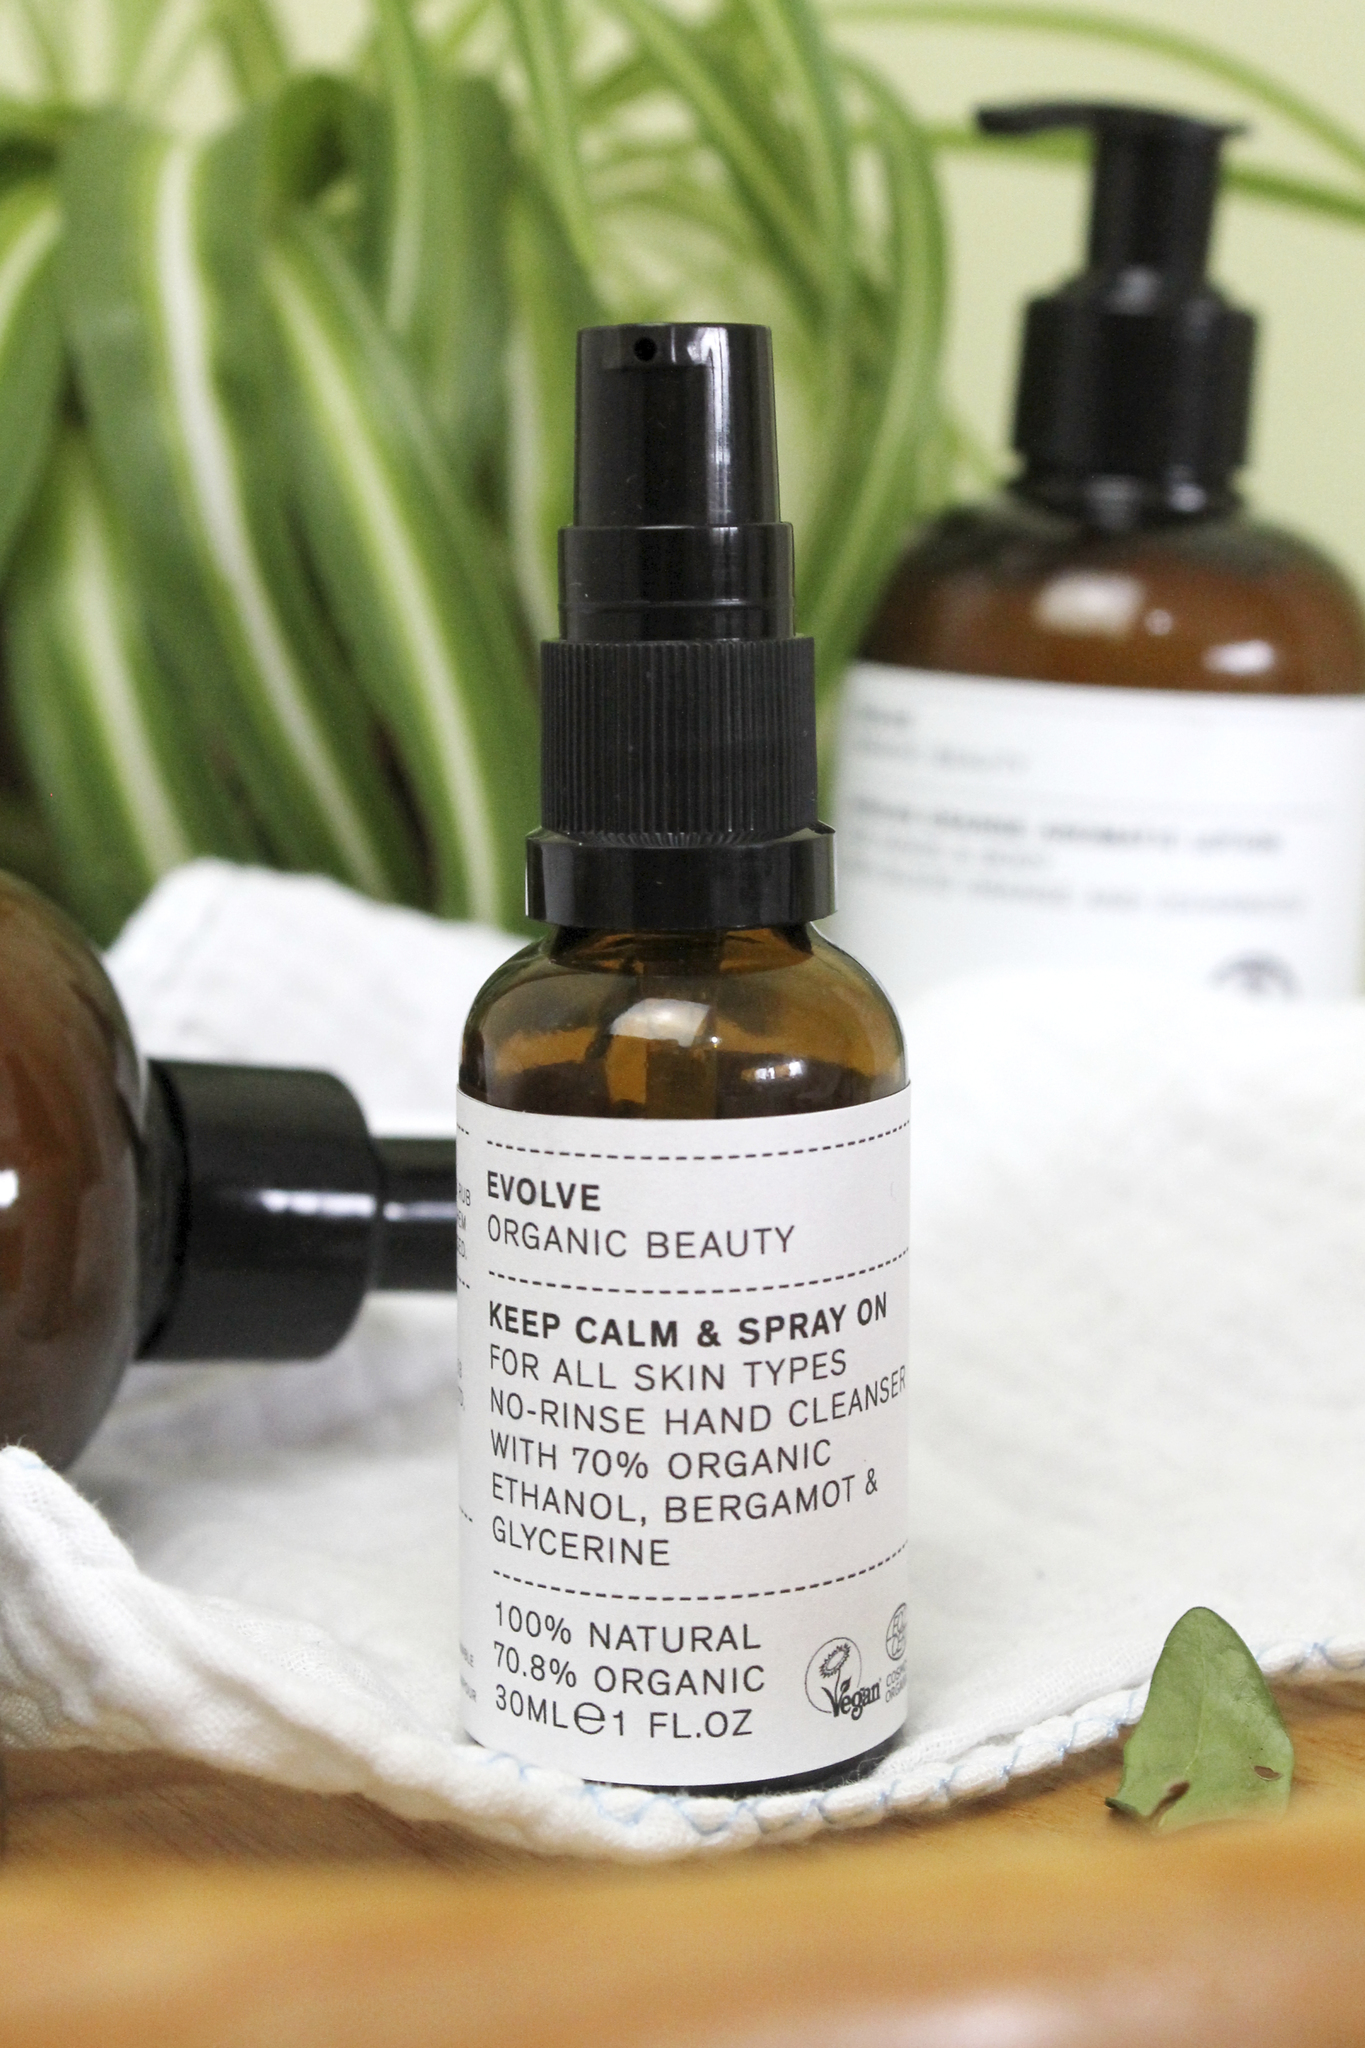 Evolve Beauty - Keep Calm & Spray On Hand Sanitiser - Travel Size